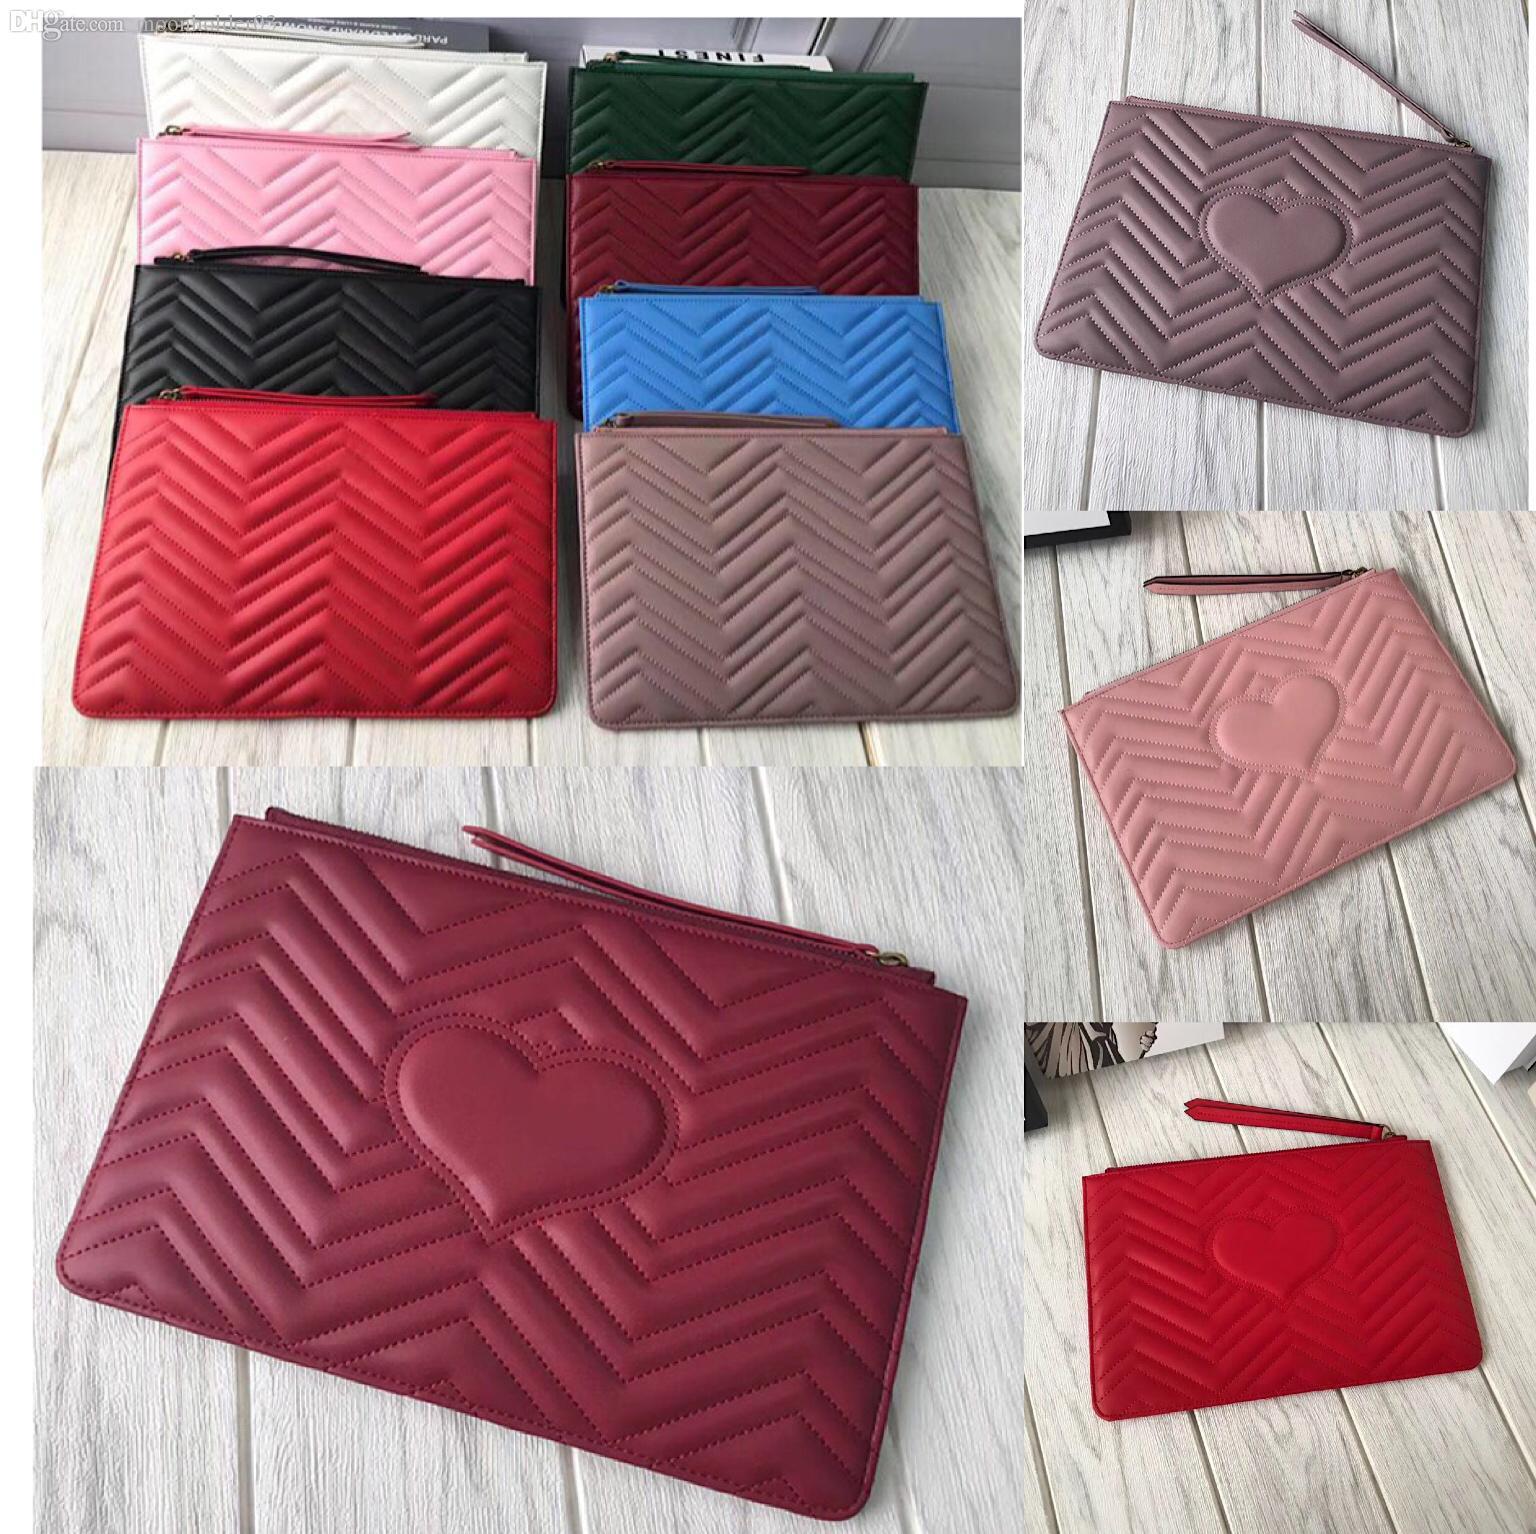 Großhandel rotes Herz-Frauen-Kosmetik-Beutel-Leder-Designer-Handtasche Schaffell Top Klassische Cosmetic Bag Frau Wallet Zipper Wallet Hanging